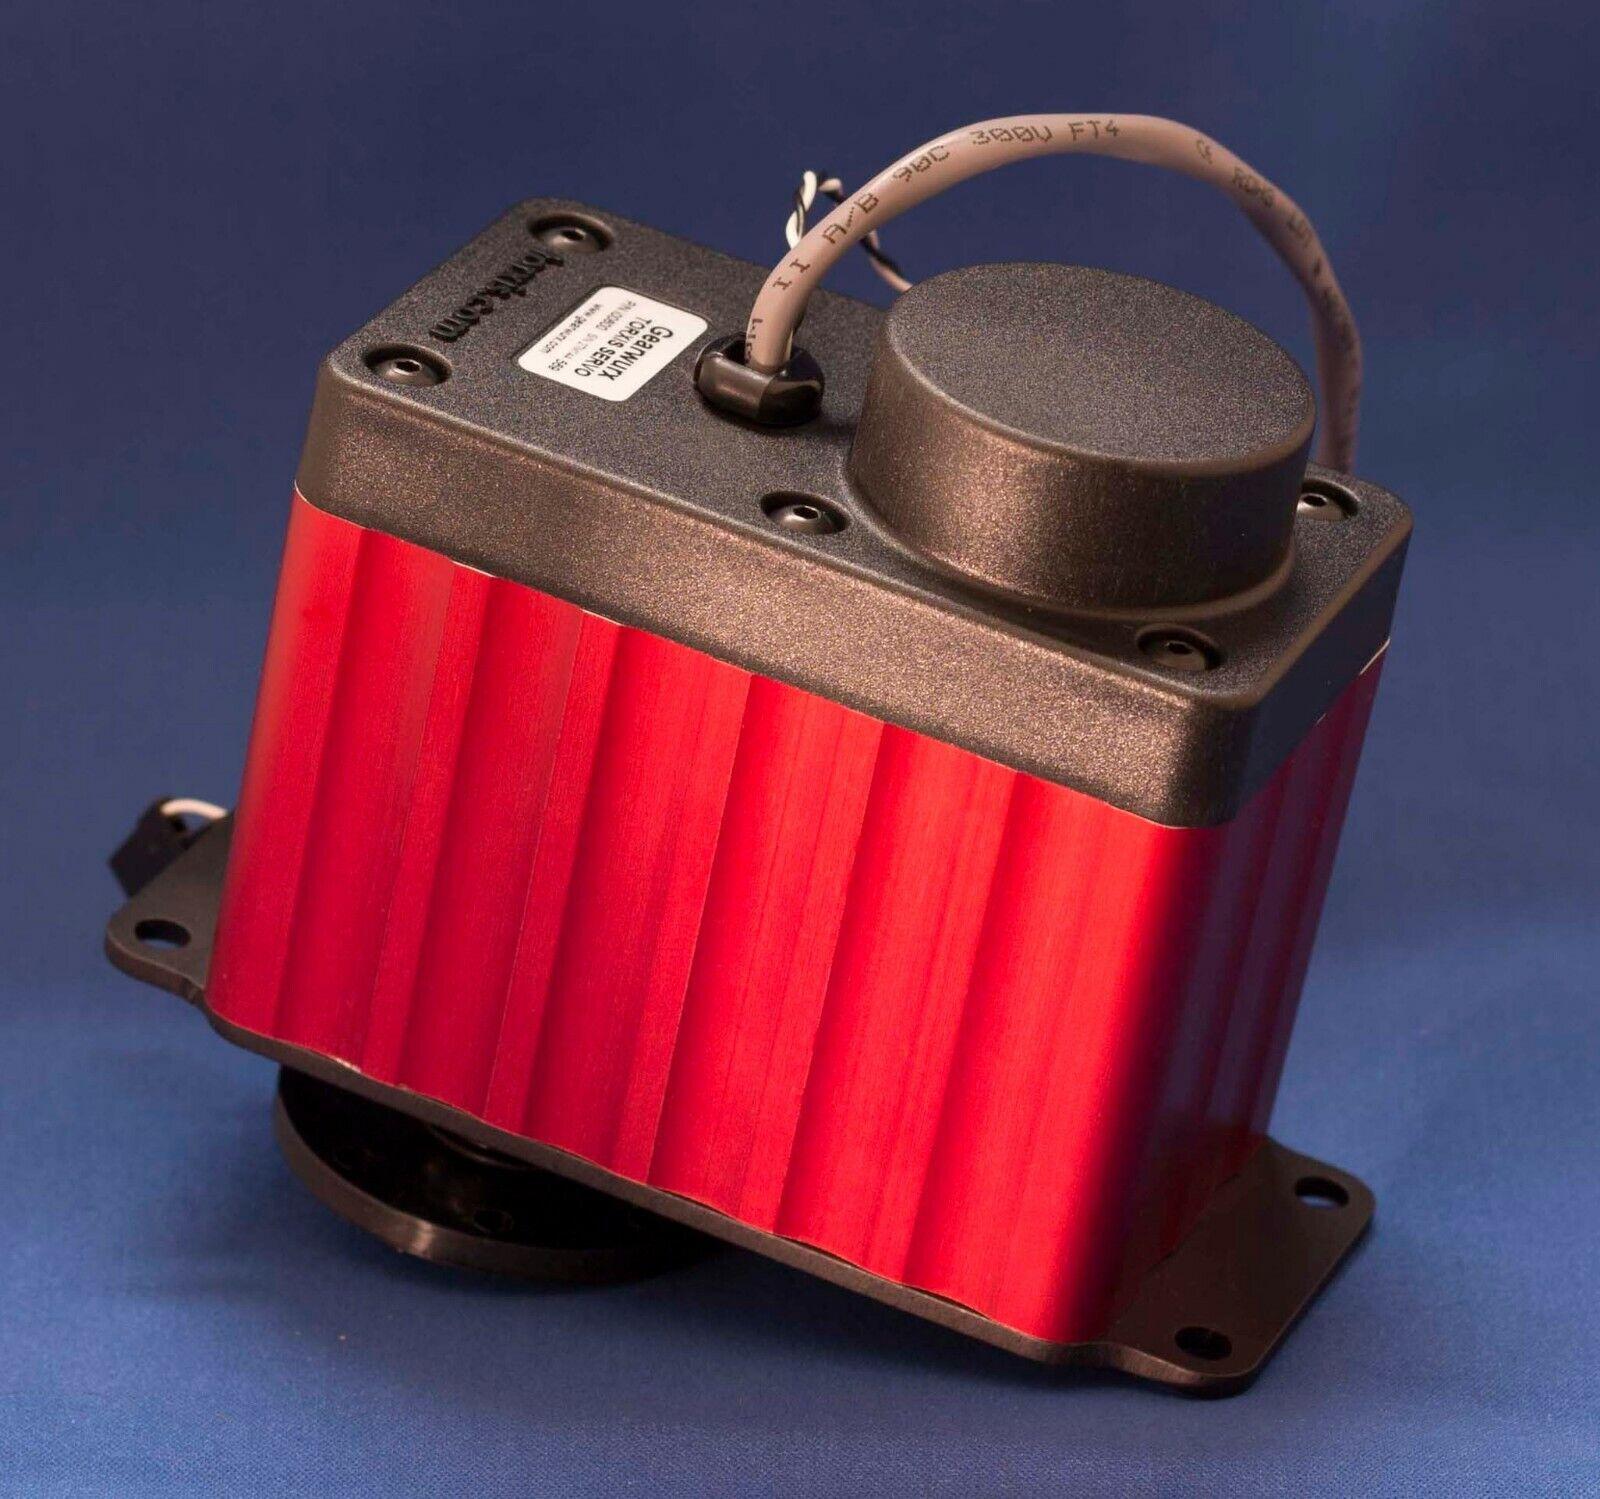 I00600 Torxis RC Slower Version High Torque Servo 3200 oz-in  (22.6 N-M) Peak  controlla il più economico